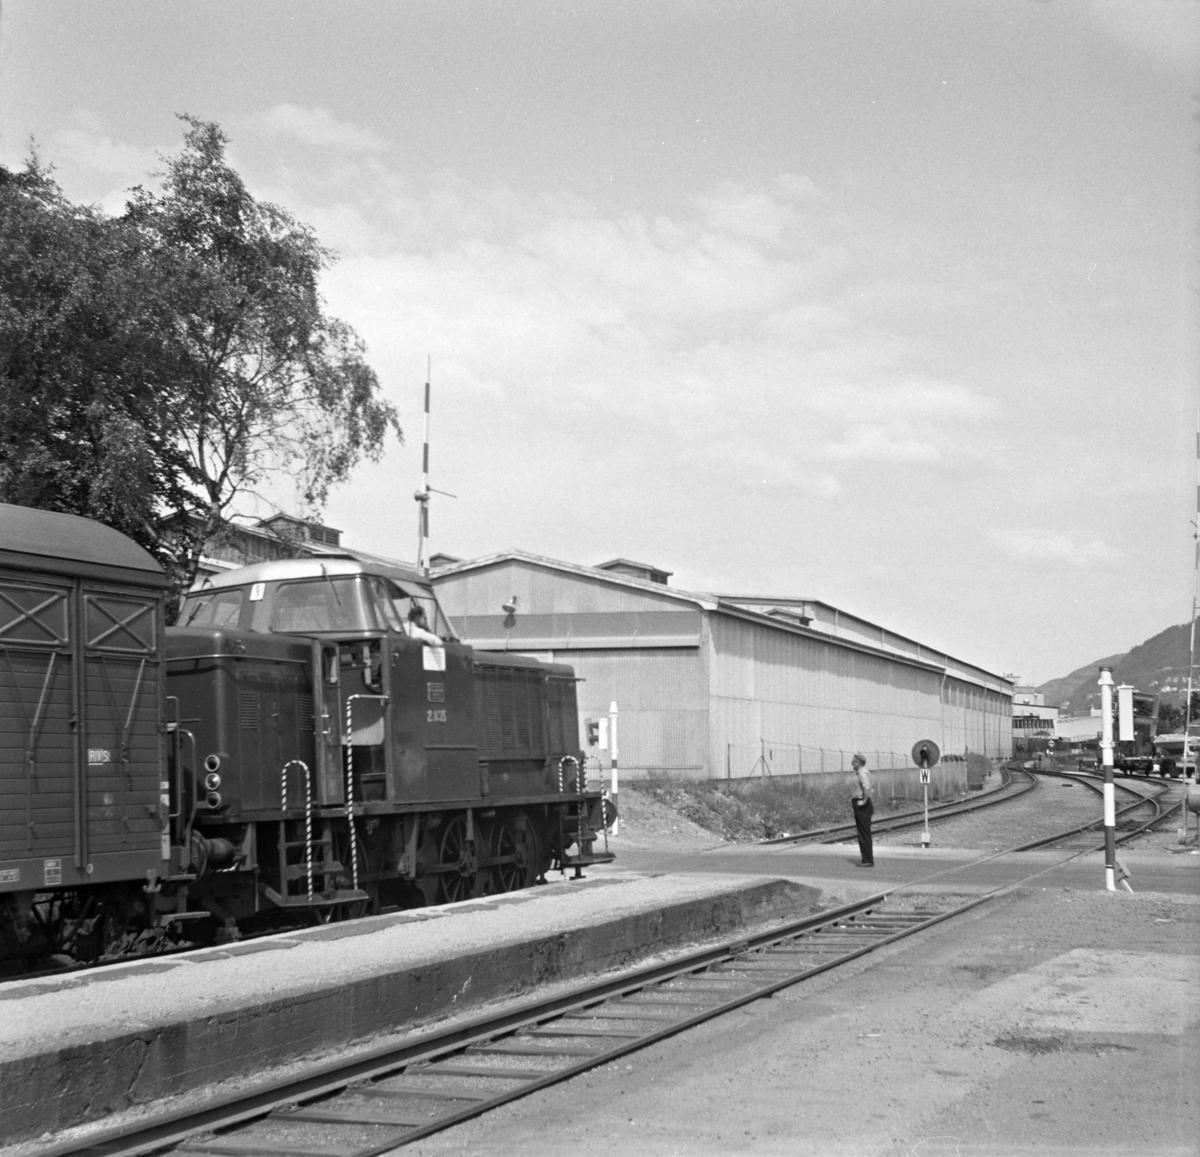 Kipptog på Minde stasjon, trukket av diesellokomotiv Di 2 835.